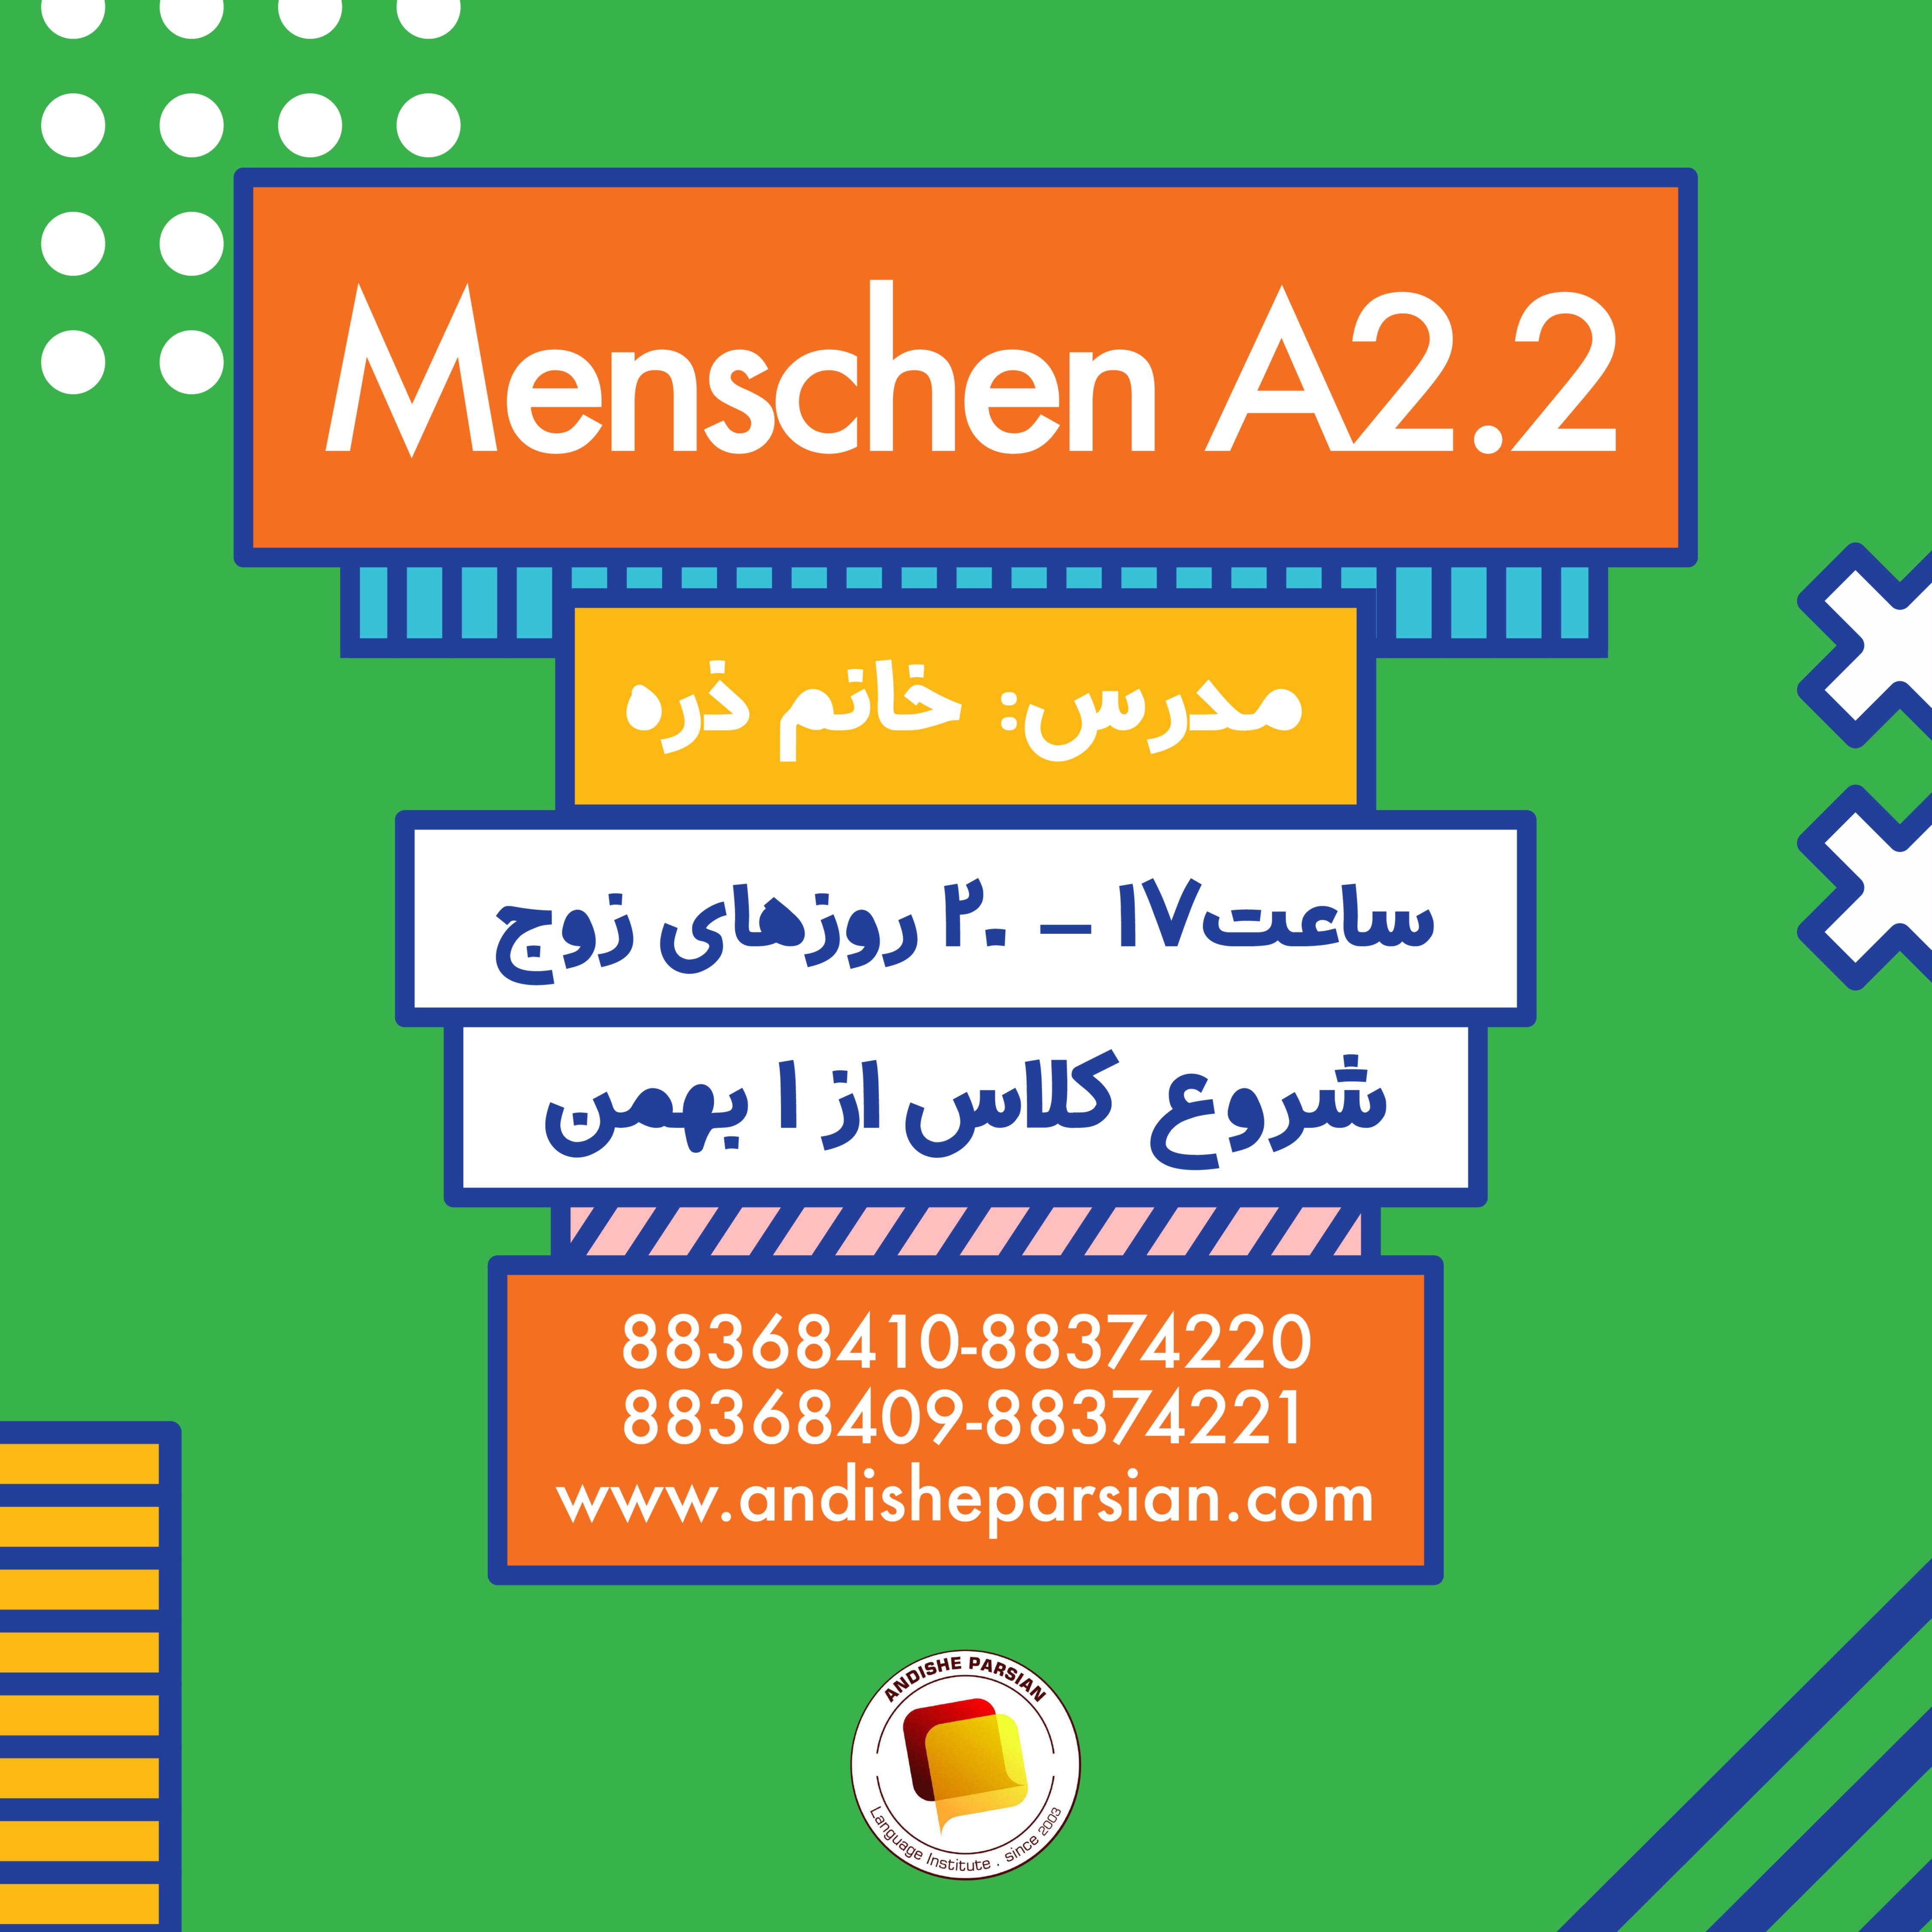 شروع کلاس آموزش زبان آلمانی سطح A2.2